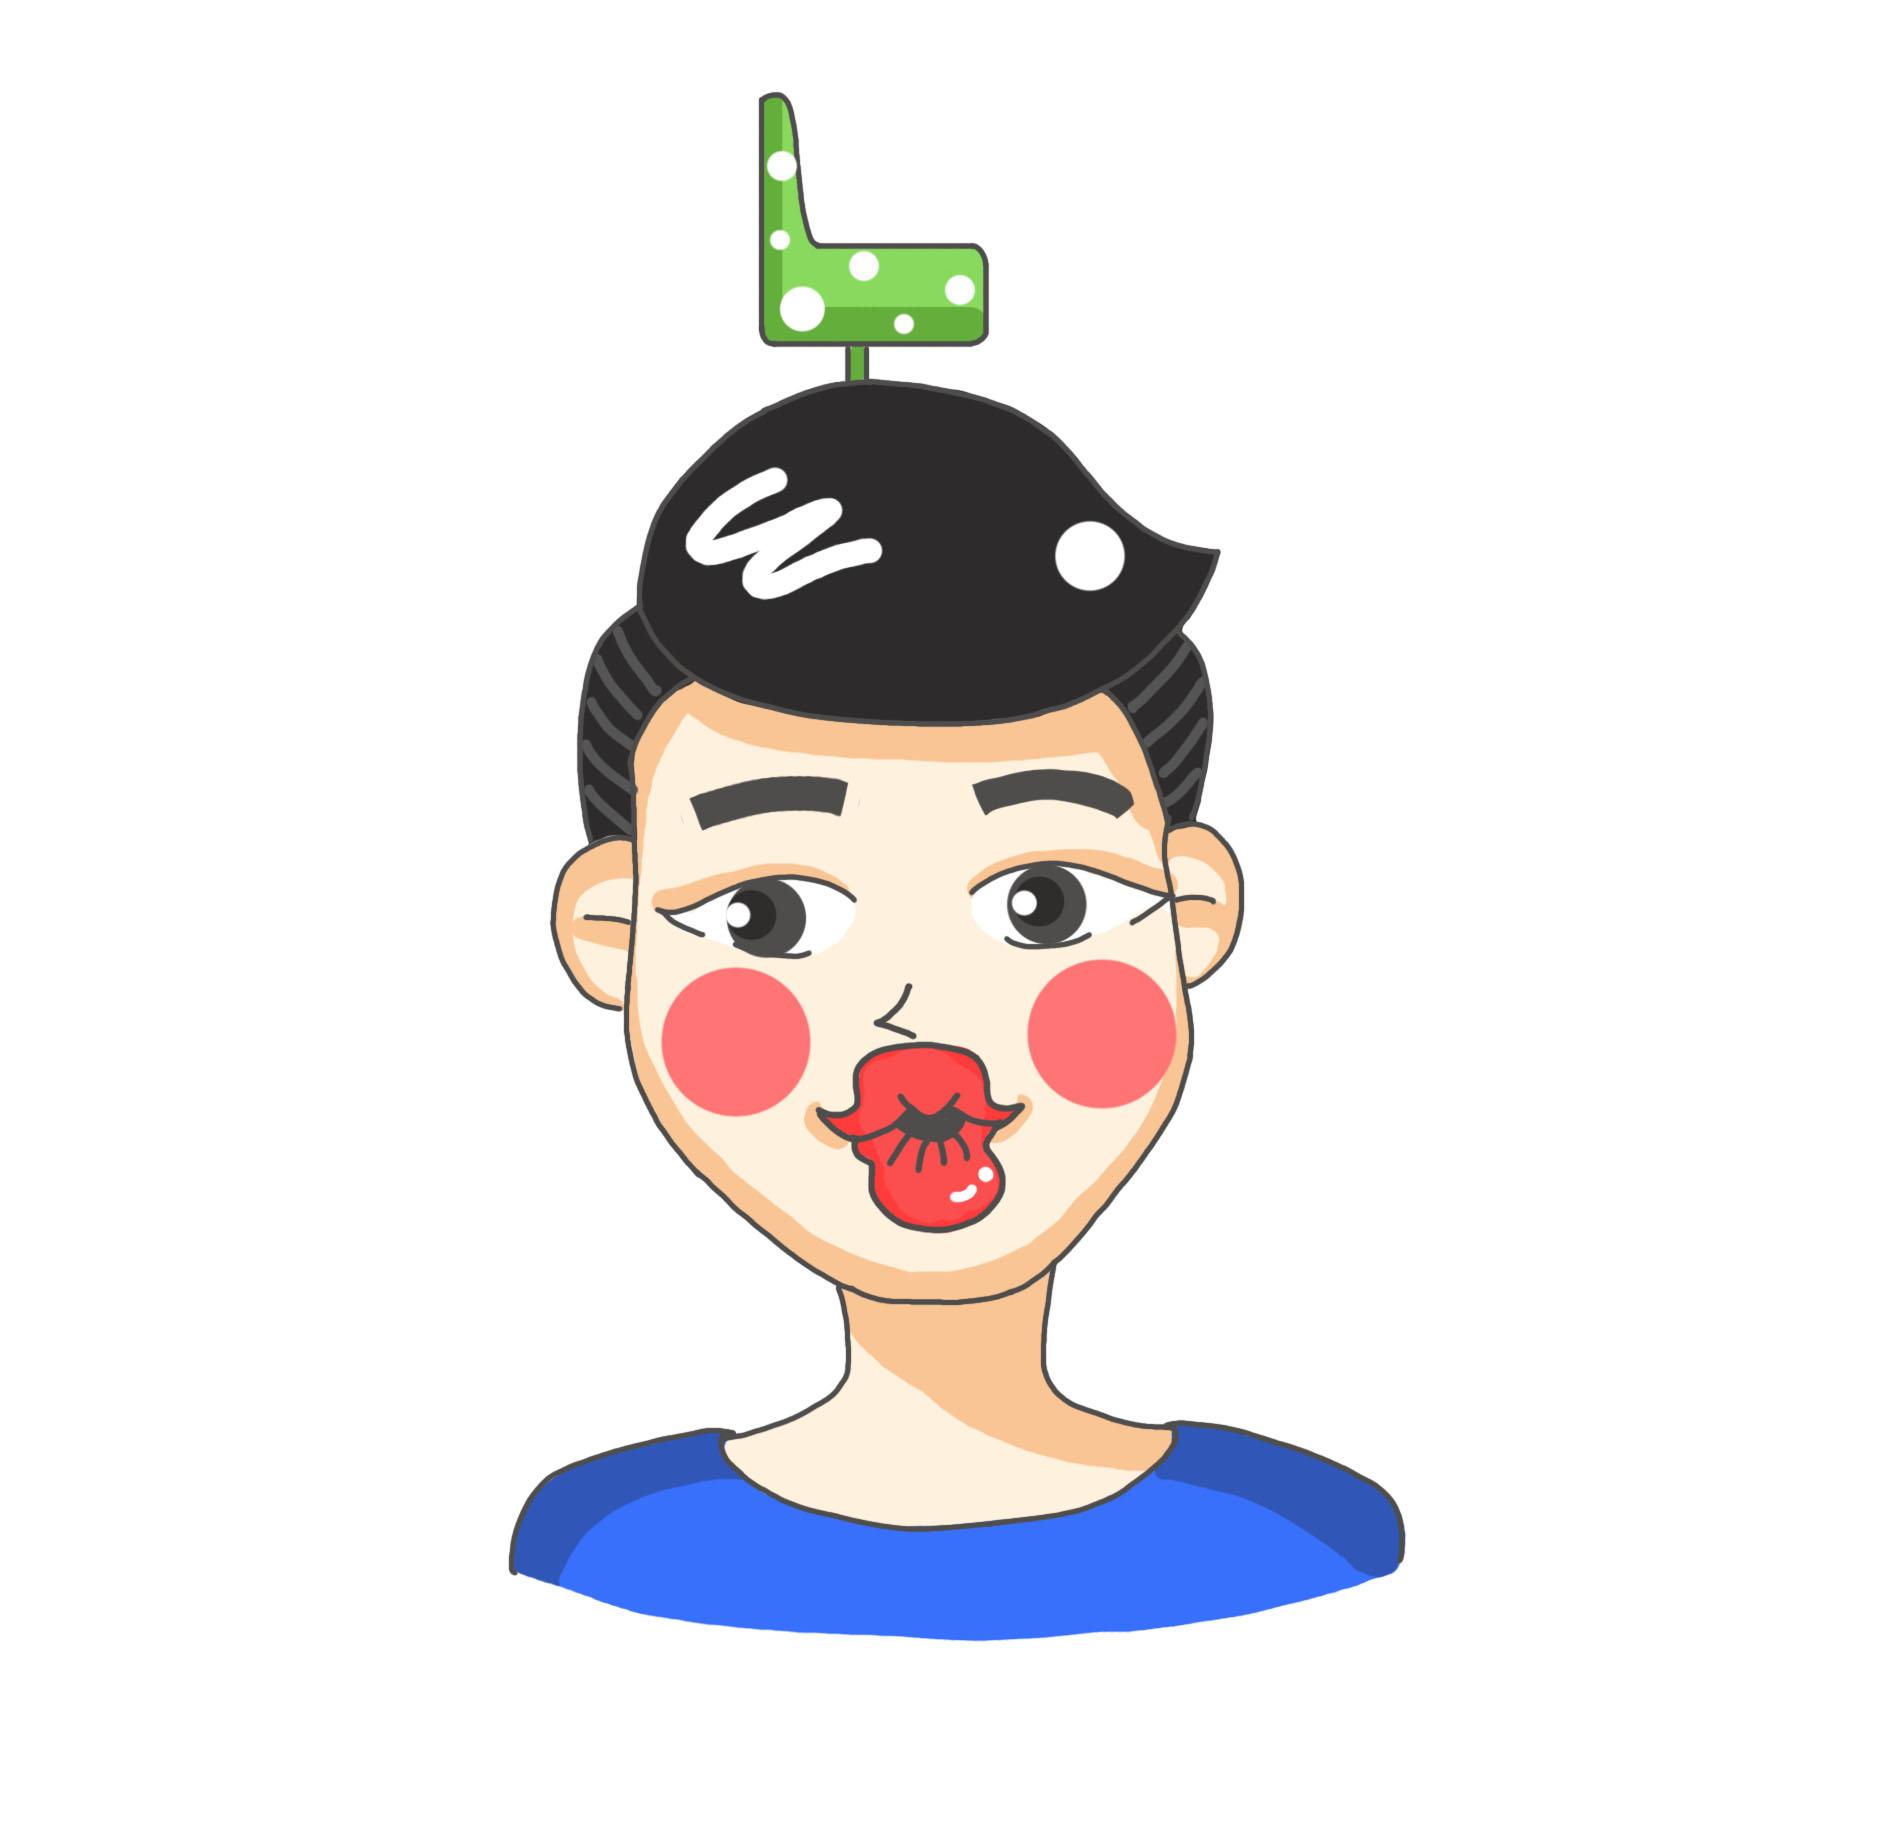 人物q版头像|动漫|肖像漫画|m柠檬m - 原创作品